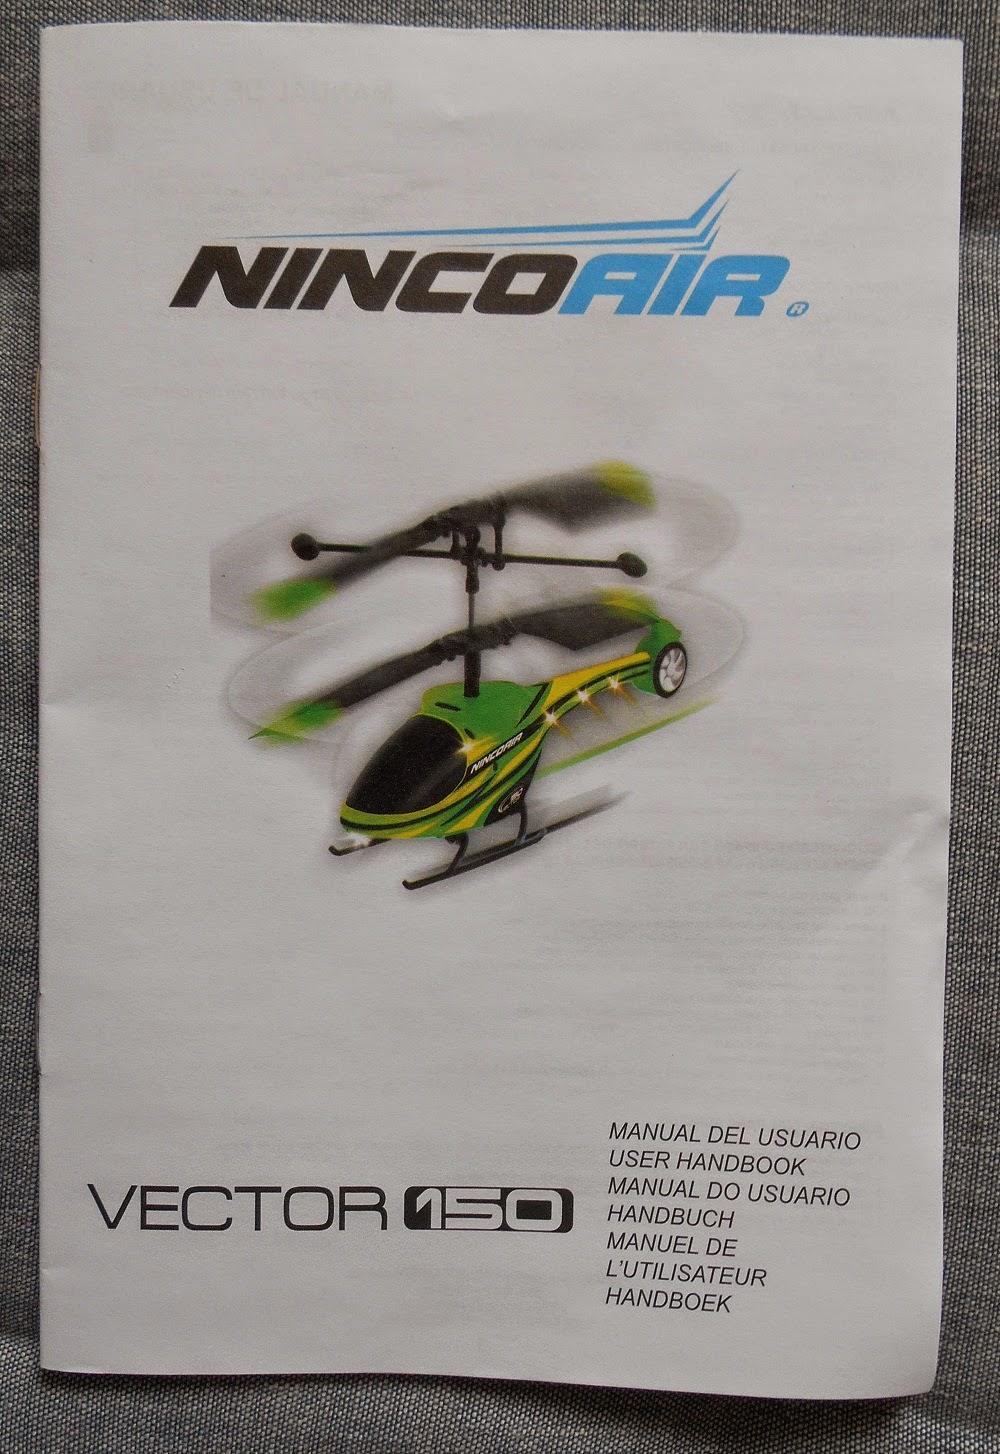 manual del usuario de helicóptero nincoair vector150